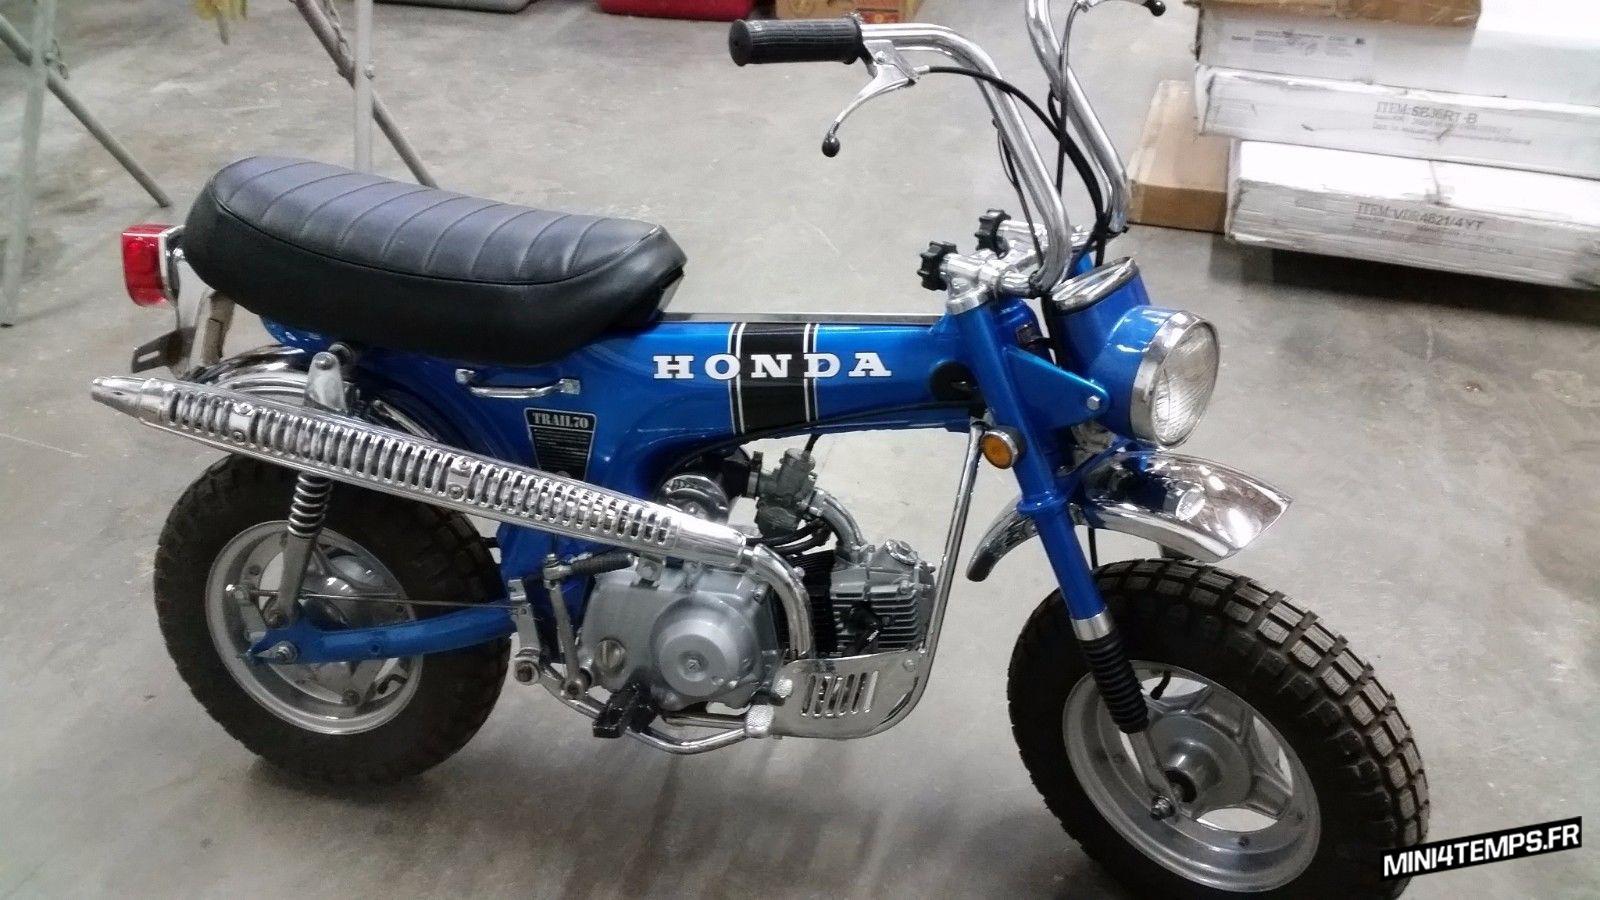 Honda Dax CT70 de 1970 - mini4temps.fr